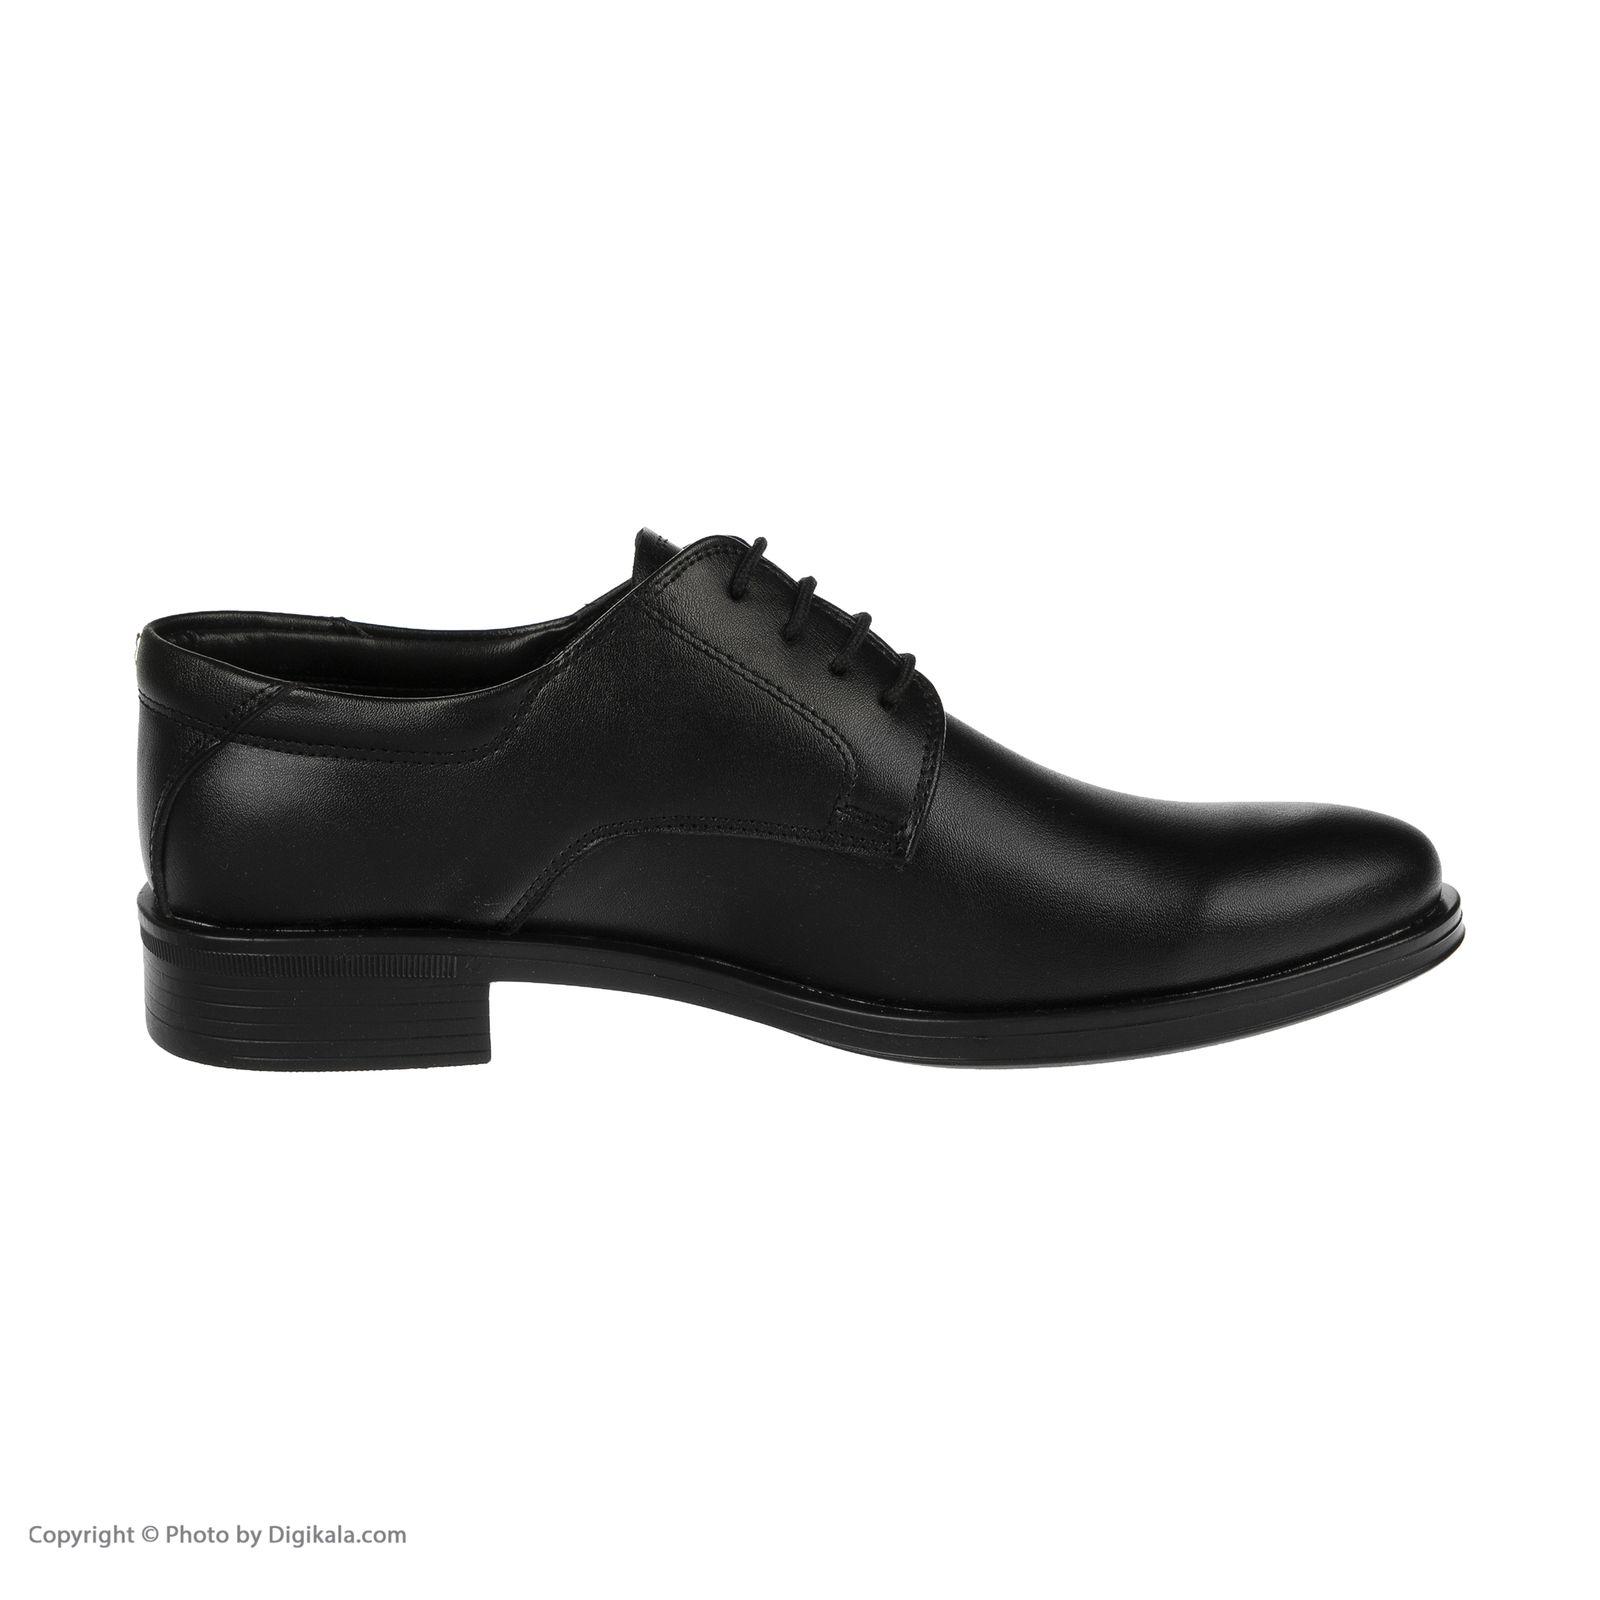 کفش مردانه اسپرت من مدل r615-1 -  - 5